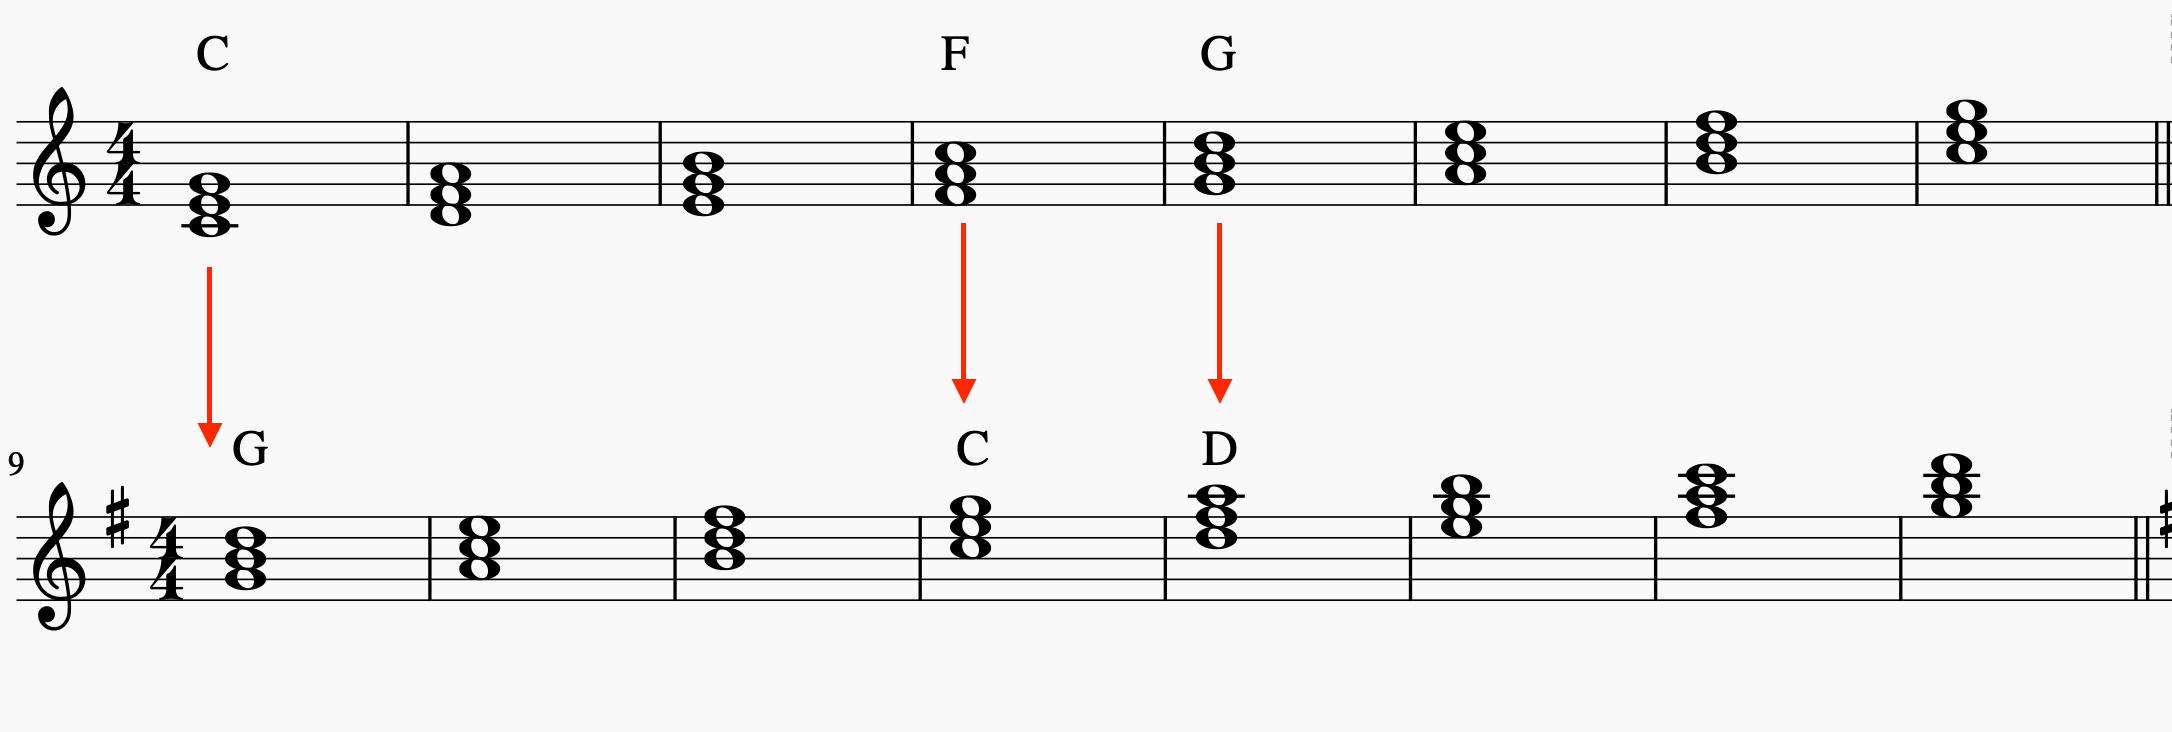 ハ長調とト長調の和音